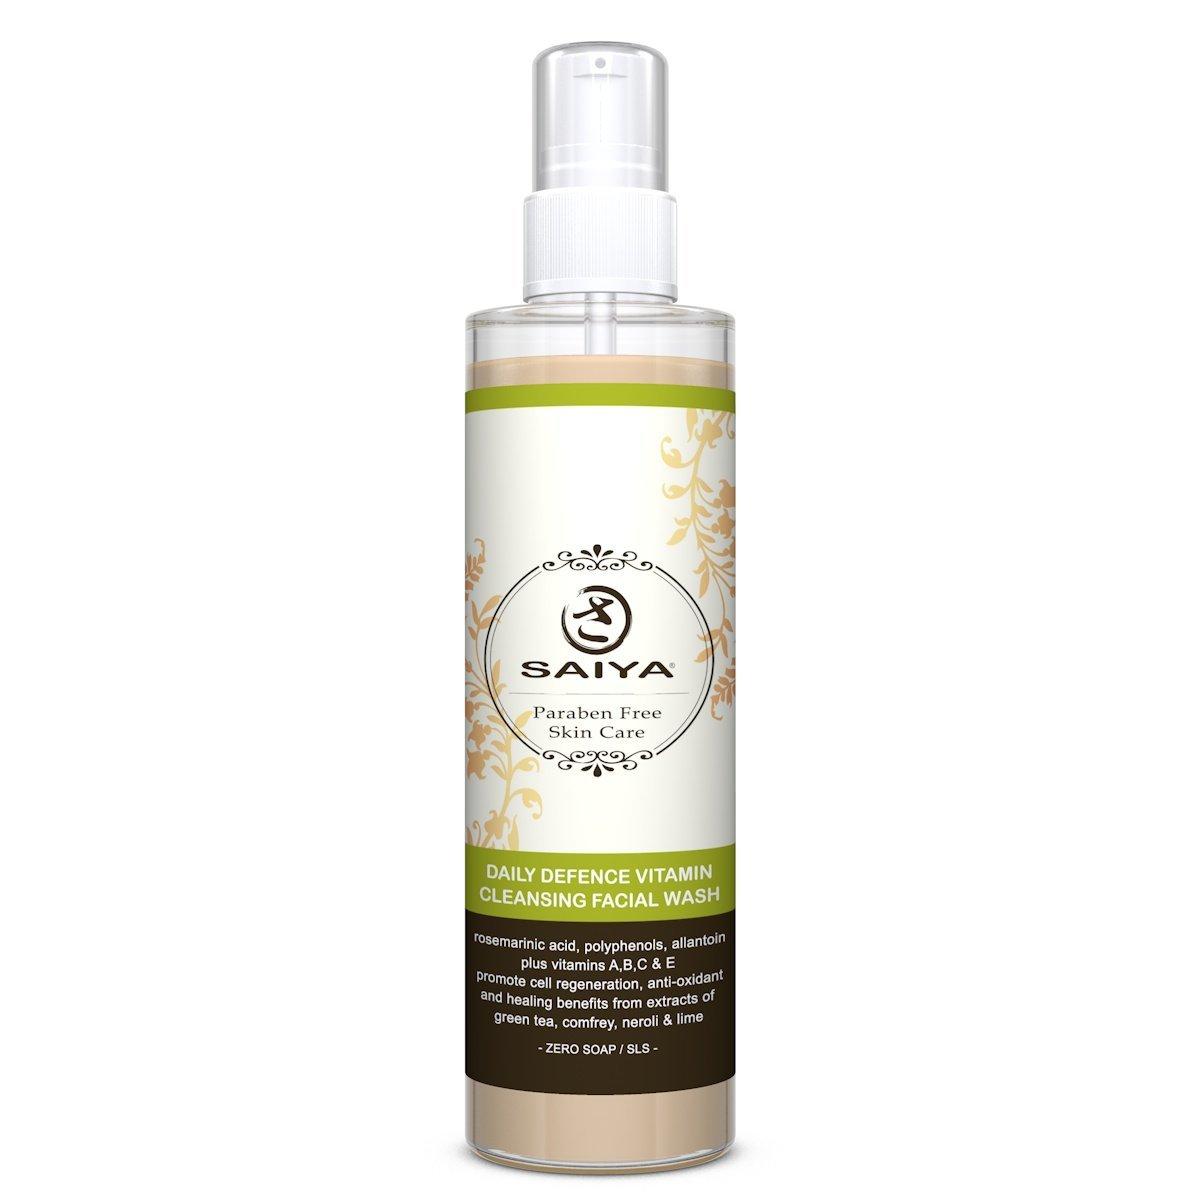 Saiya Daily Defence  Vitamin Cleansing Facial Wash